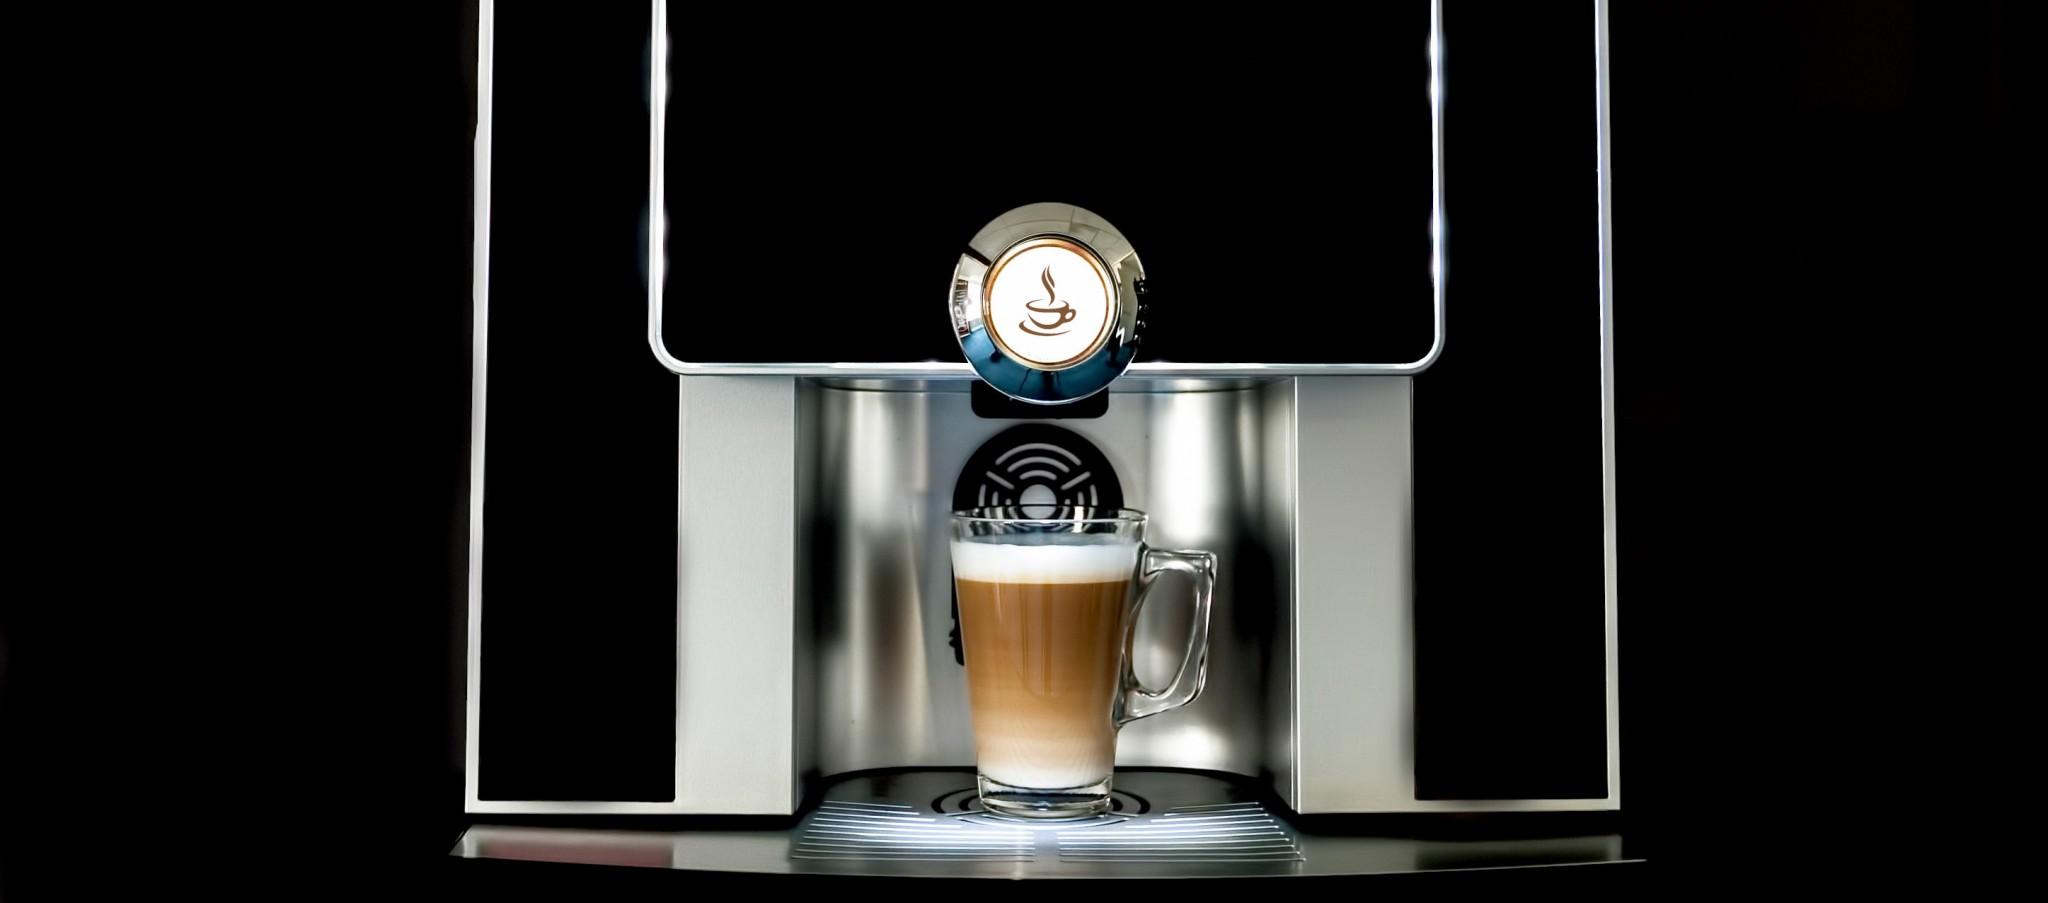 koffiemachine-hoofdpagina-2048x903